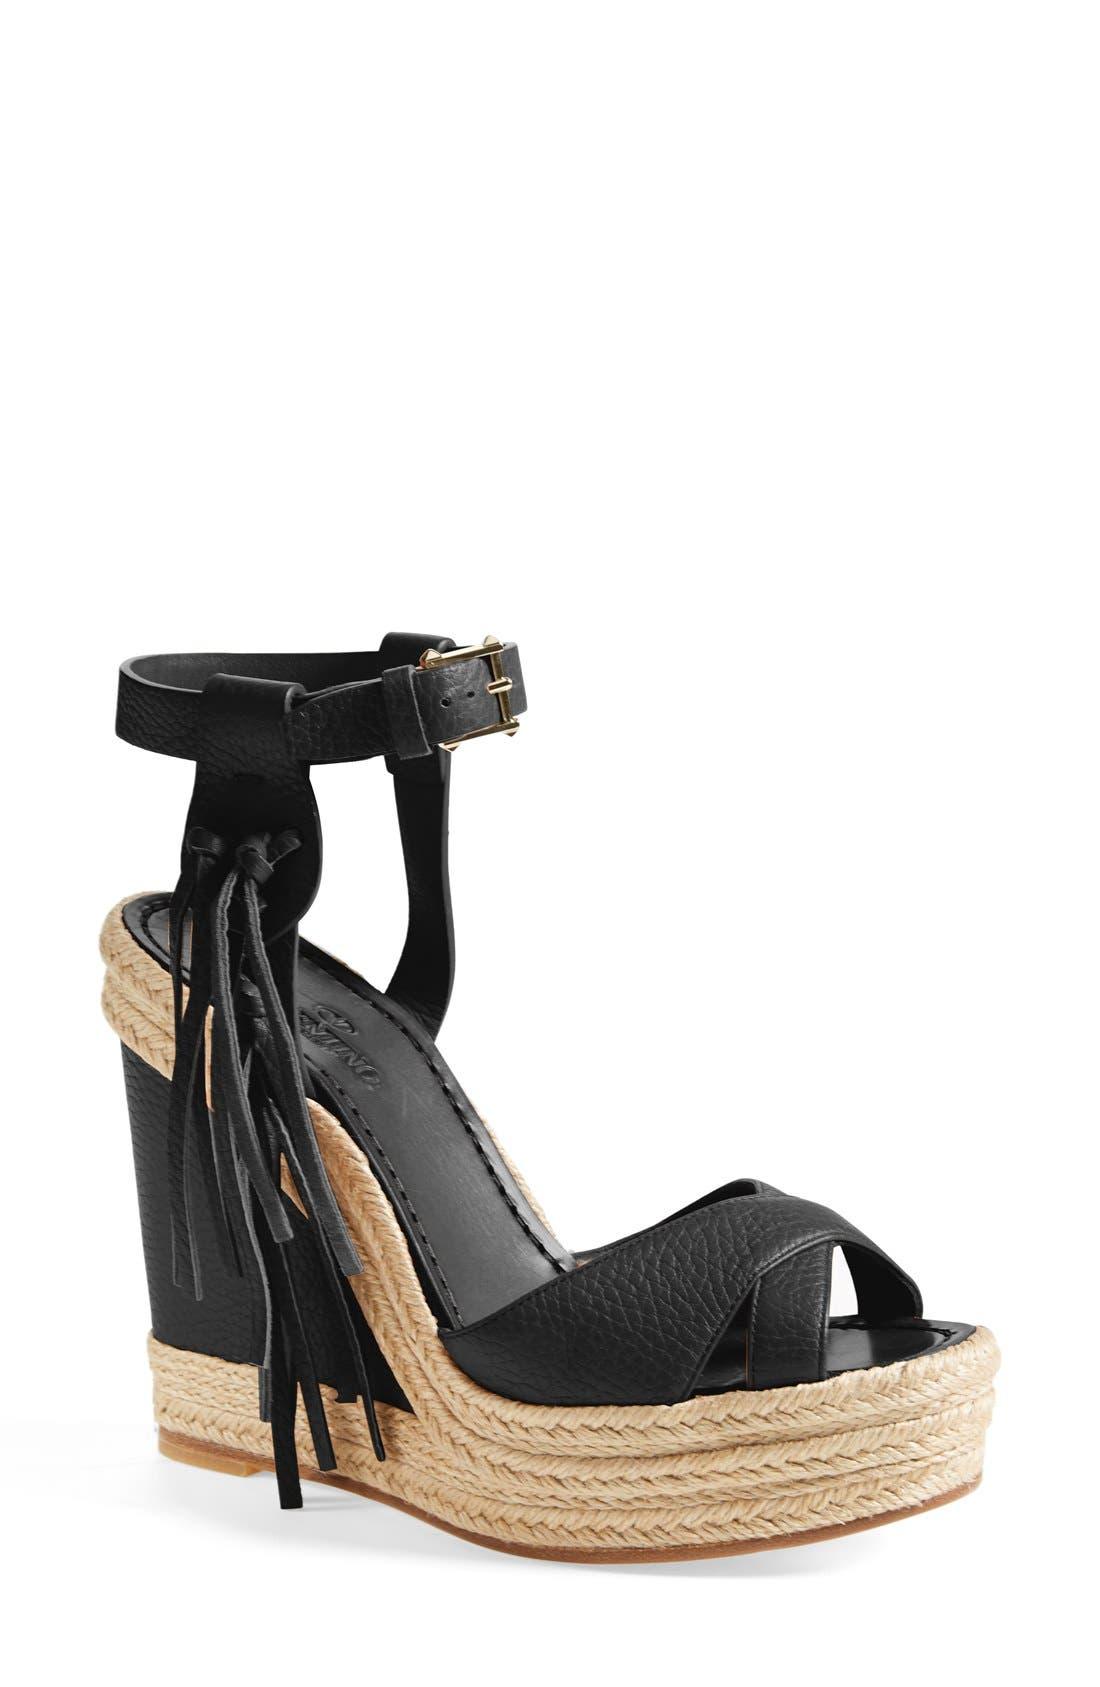 Main Image - Valentino 'Rockee' Fringe Wedge Sandal (Women)